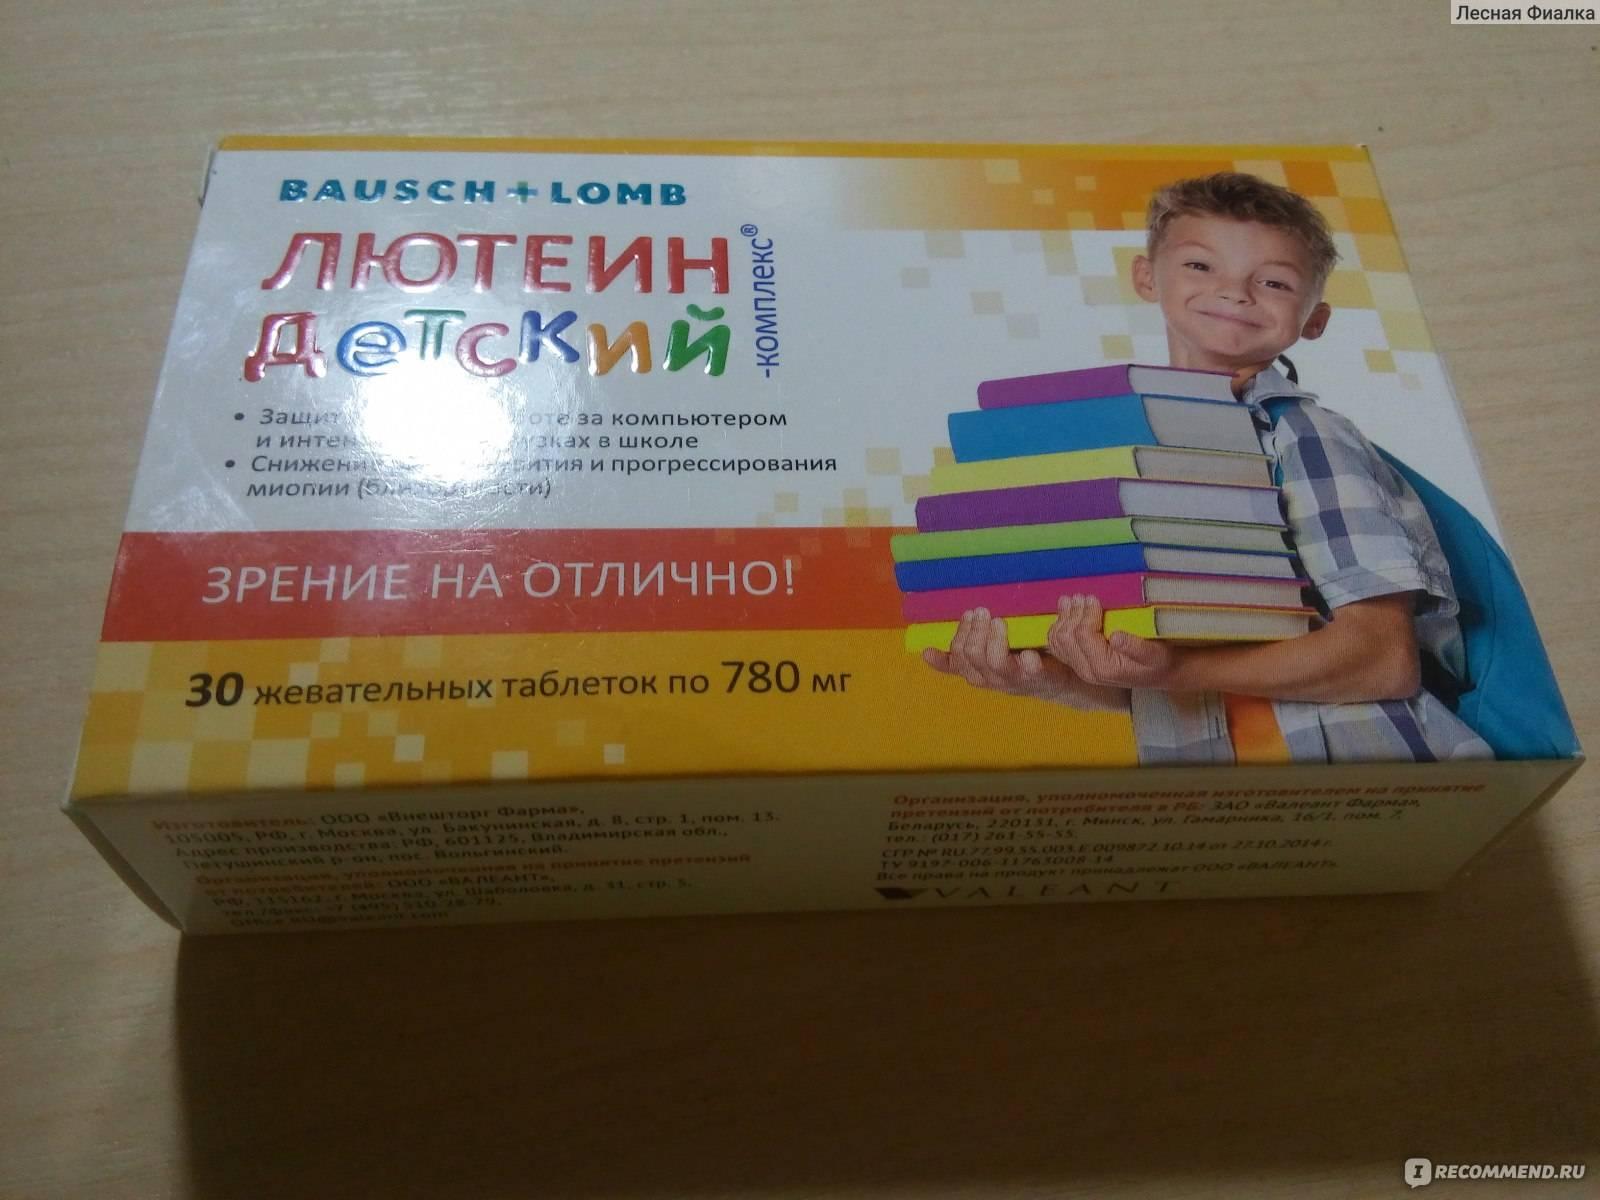 Лютеин-комплекс детский, таблетки жевательные, 30 купить в москве по низкой цене